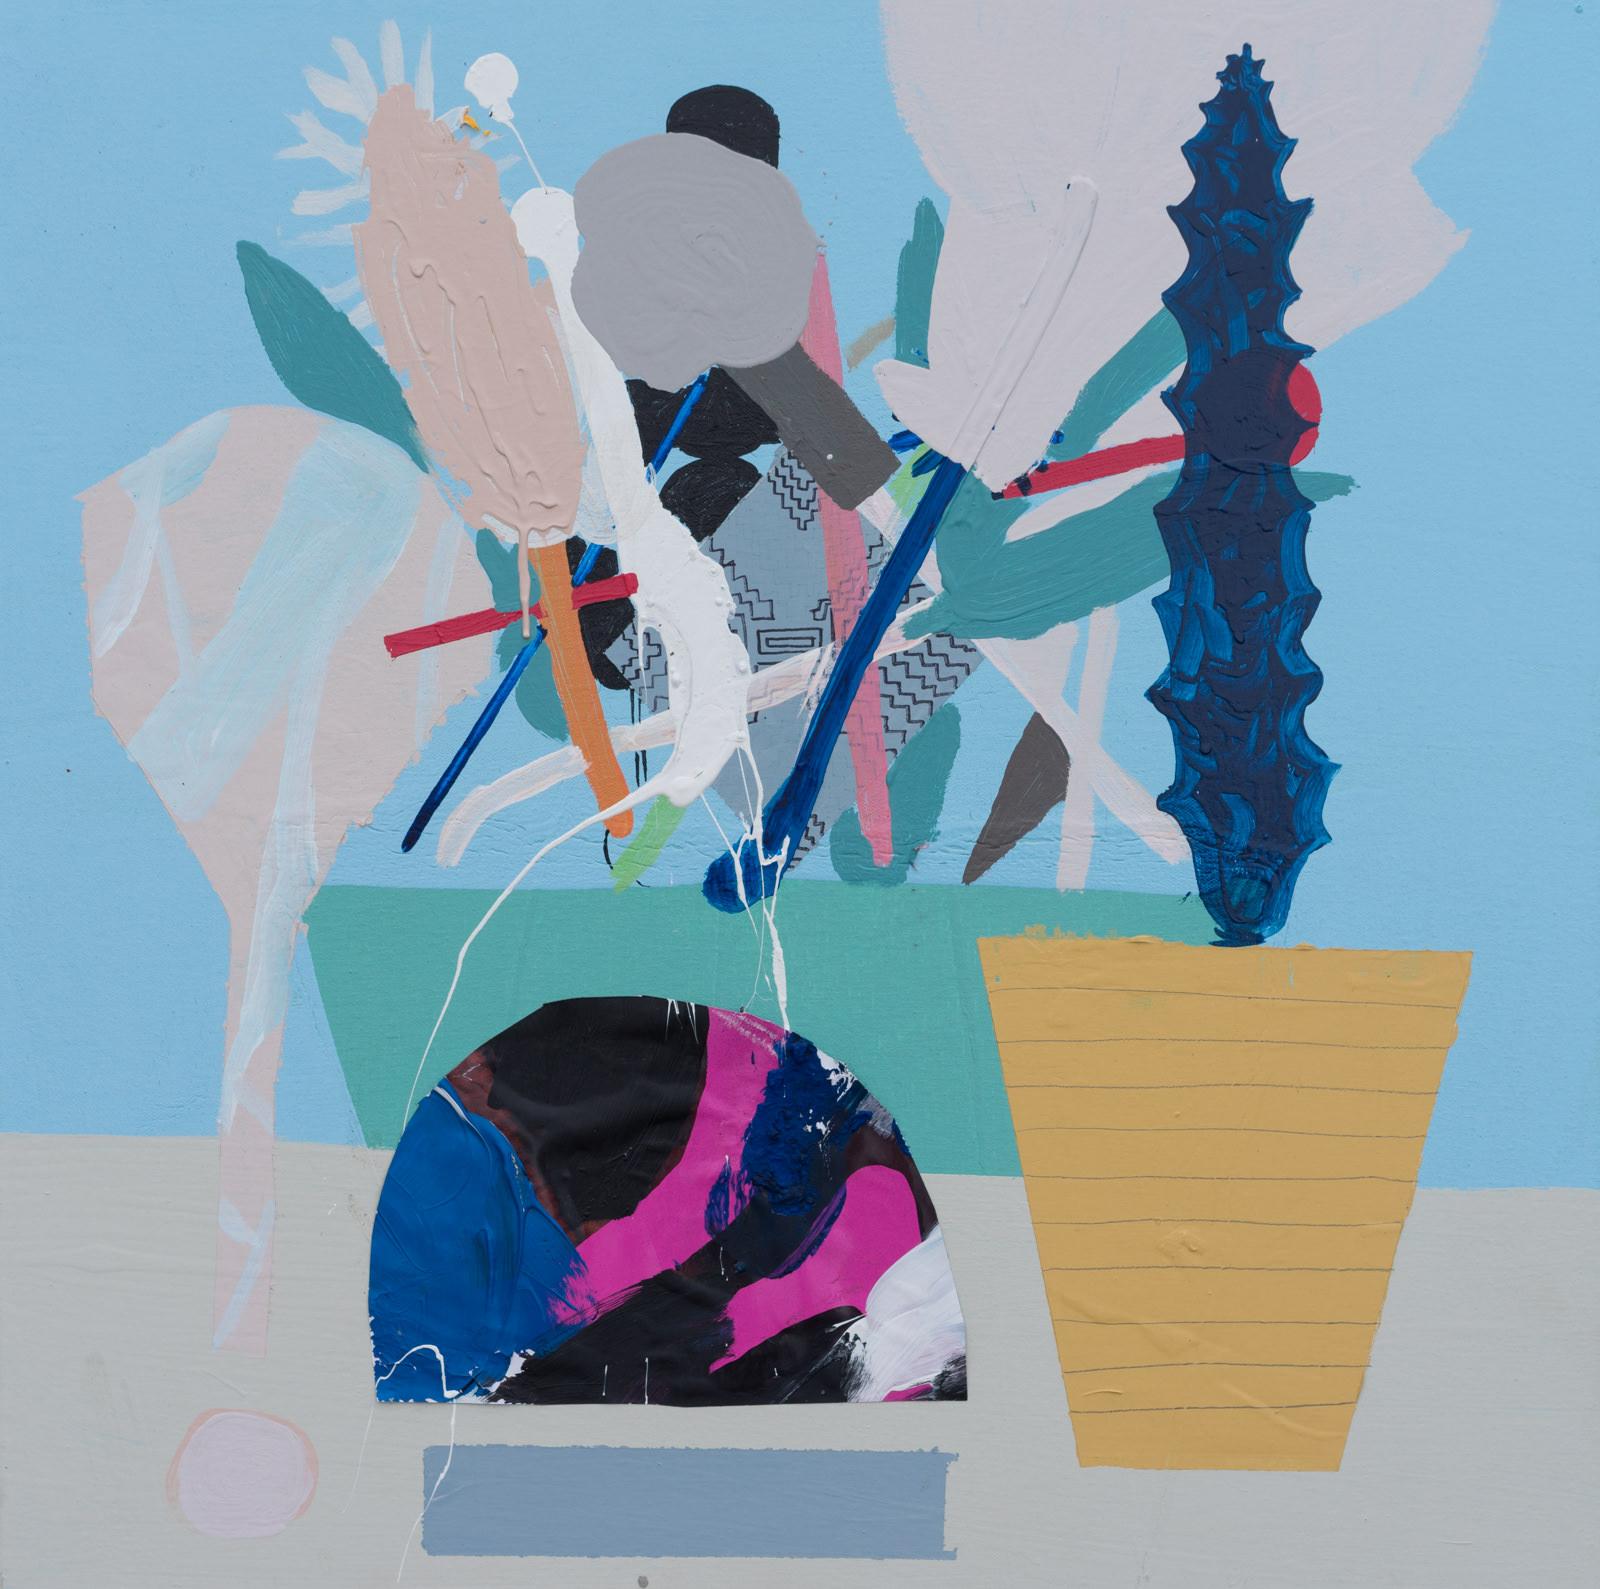 futuristphilip_paintings-7.jpg